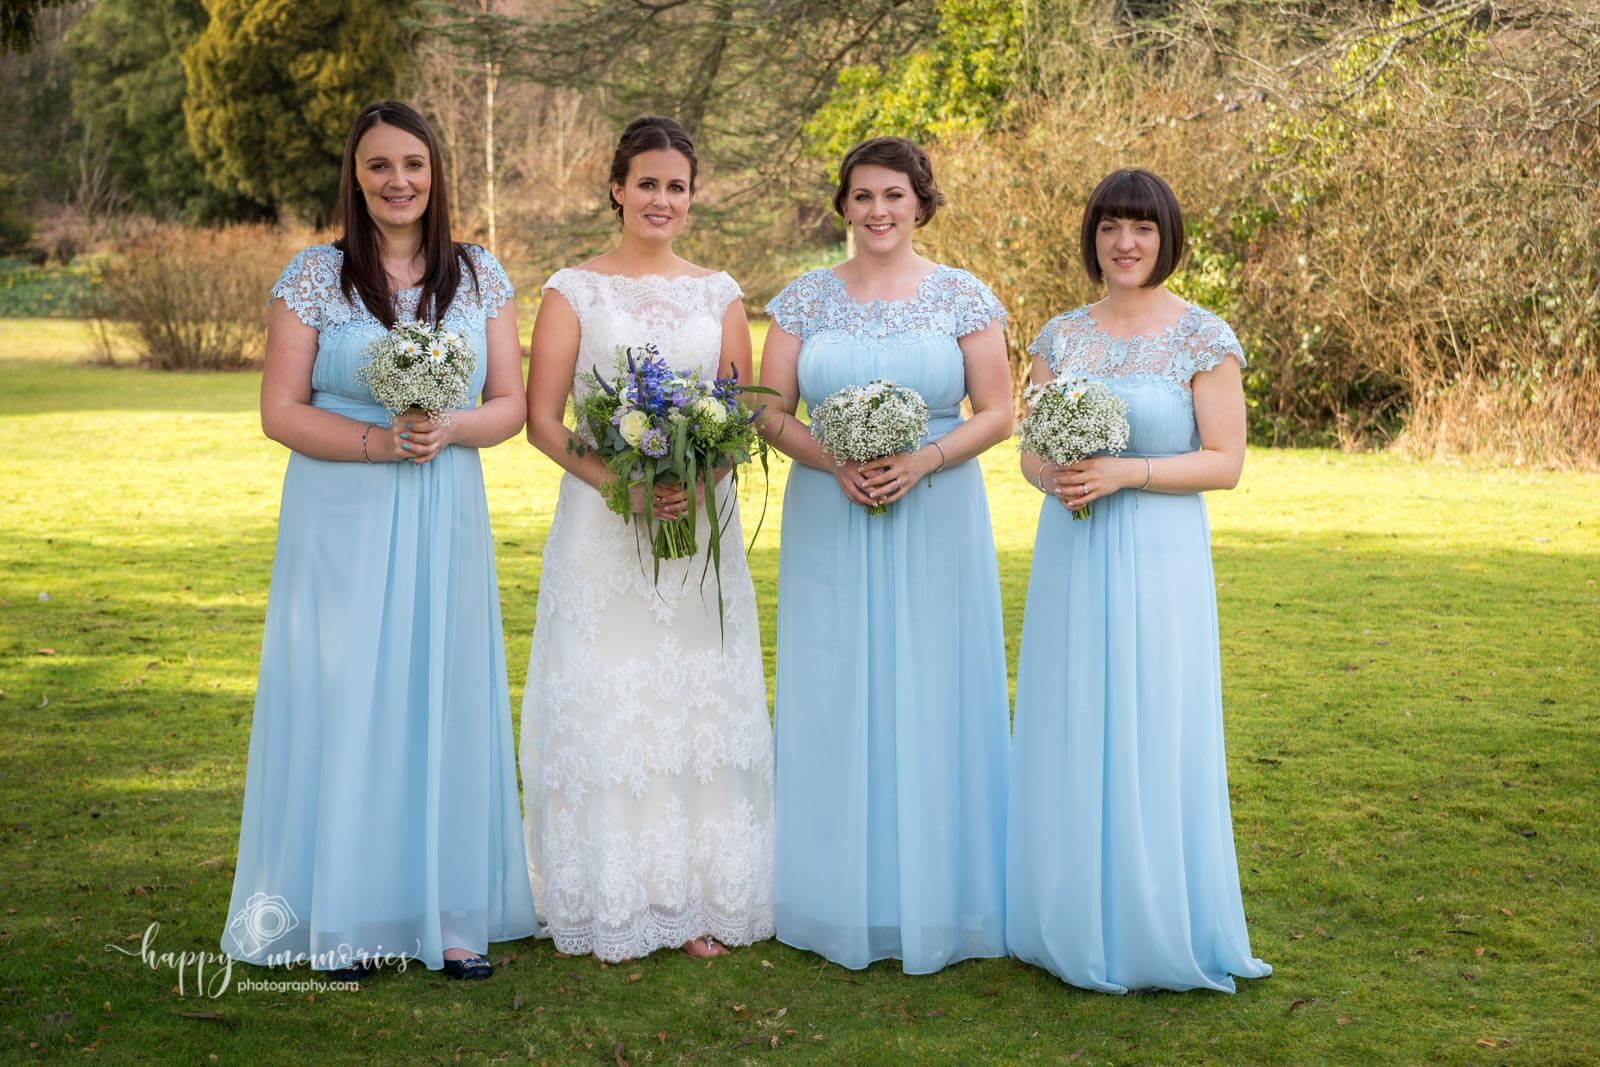 Wedding photographer Crawley-30